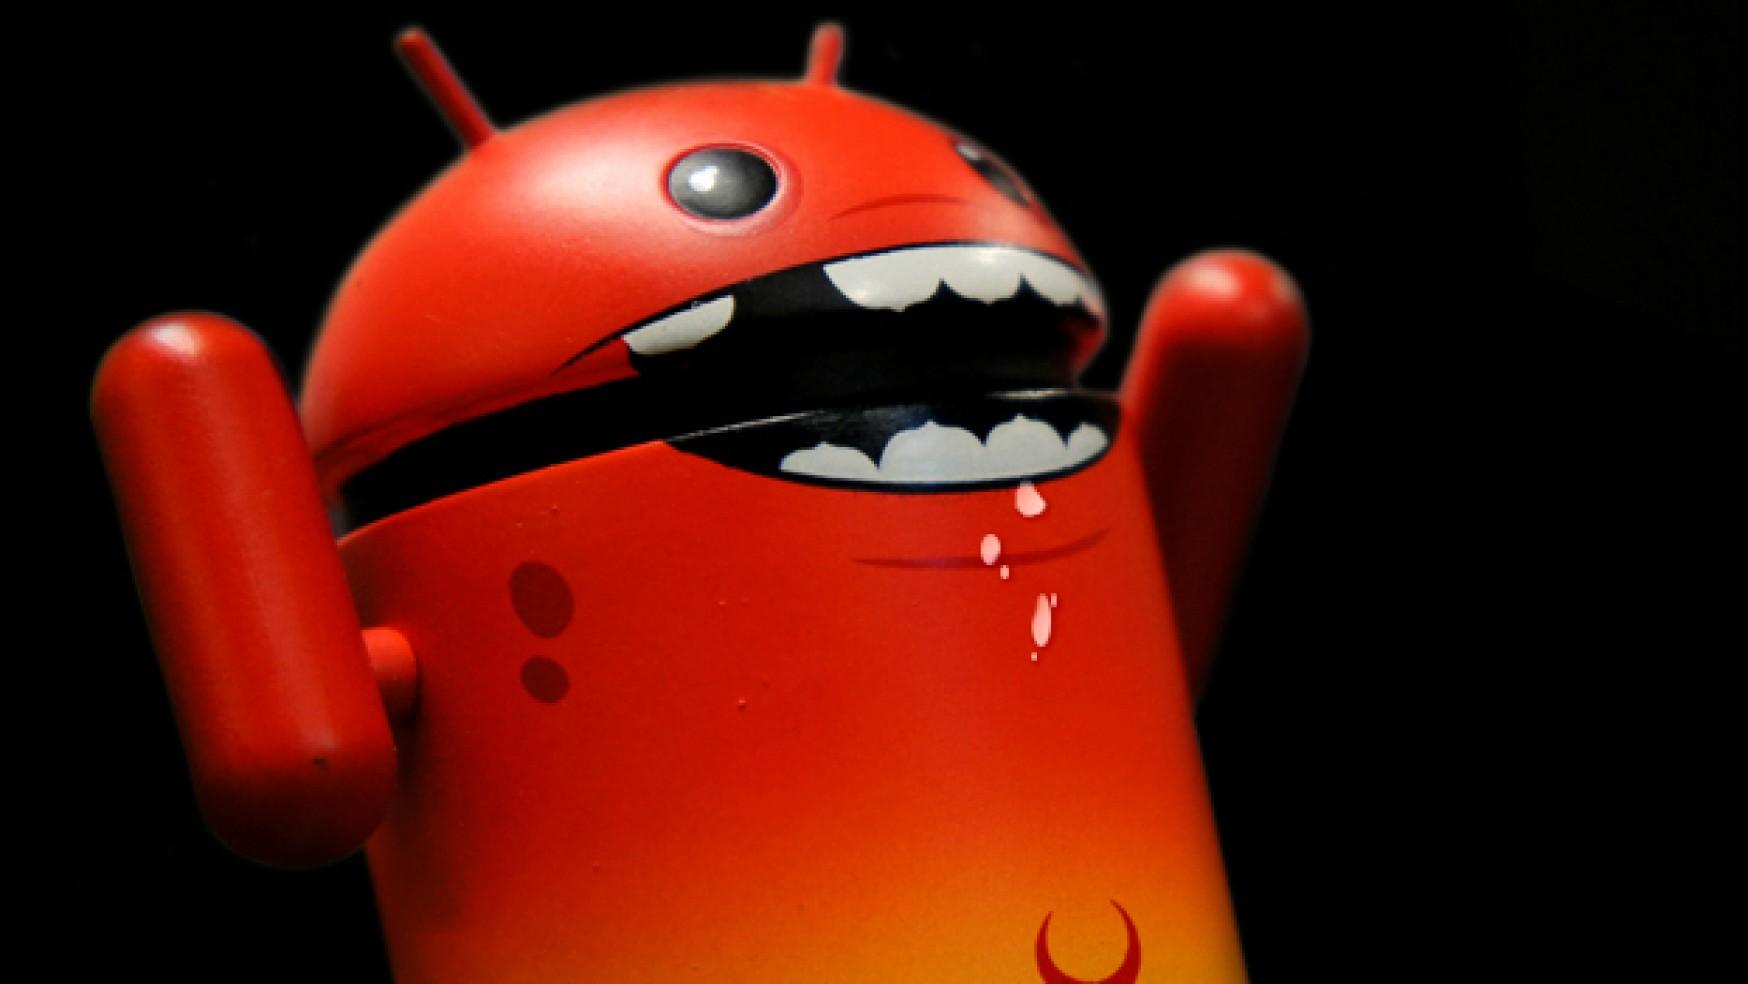 400 milioni di dispositivi Android a rischio malware